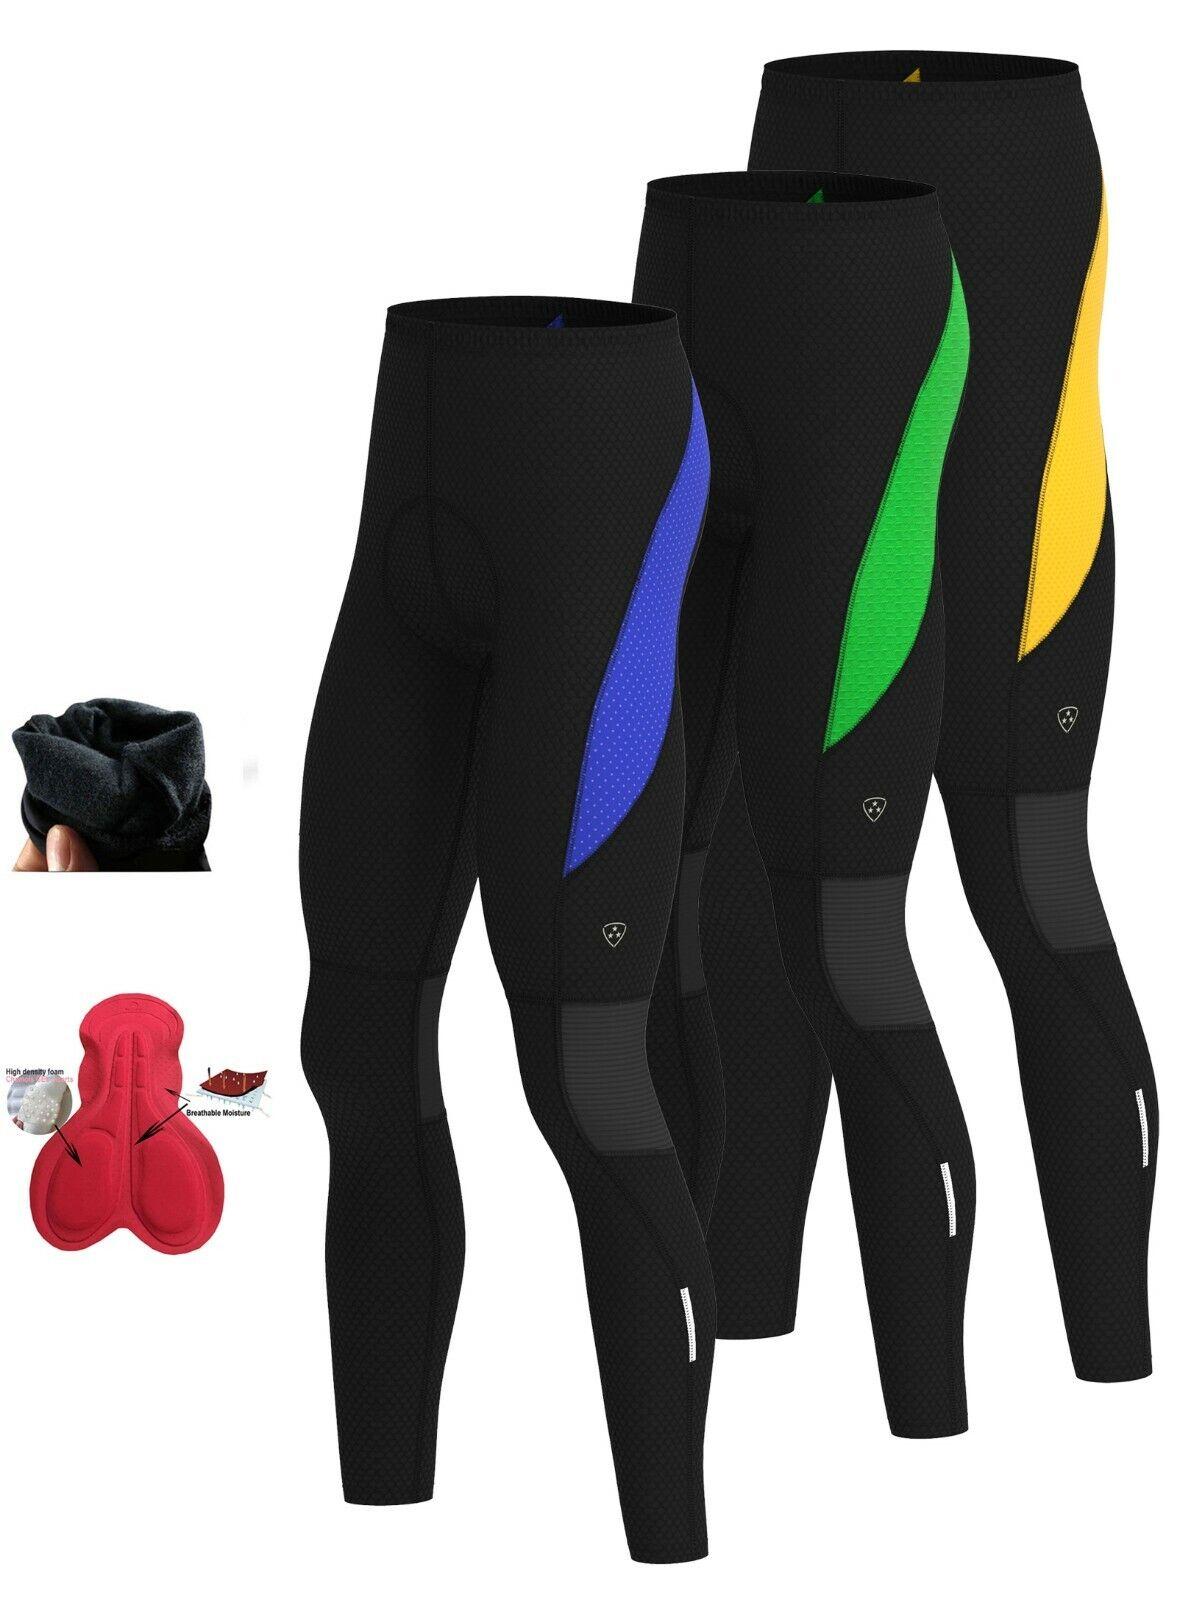 Hombre Ciclismo Termico Apretado Pantalones Invierno Frio Ropa Acolchado Legging Ebay